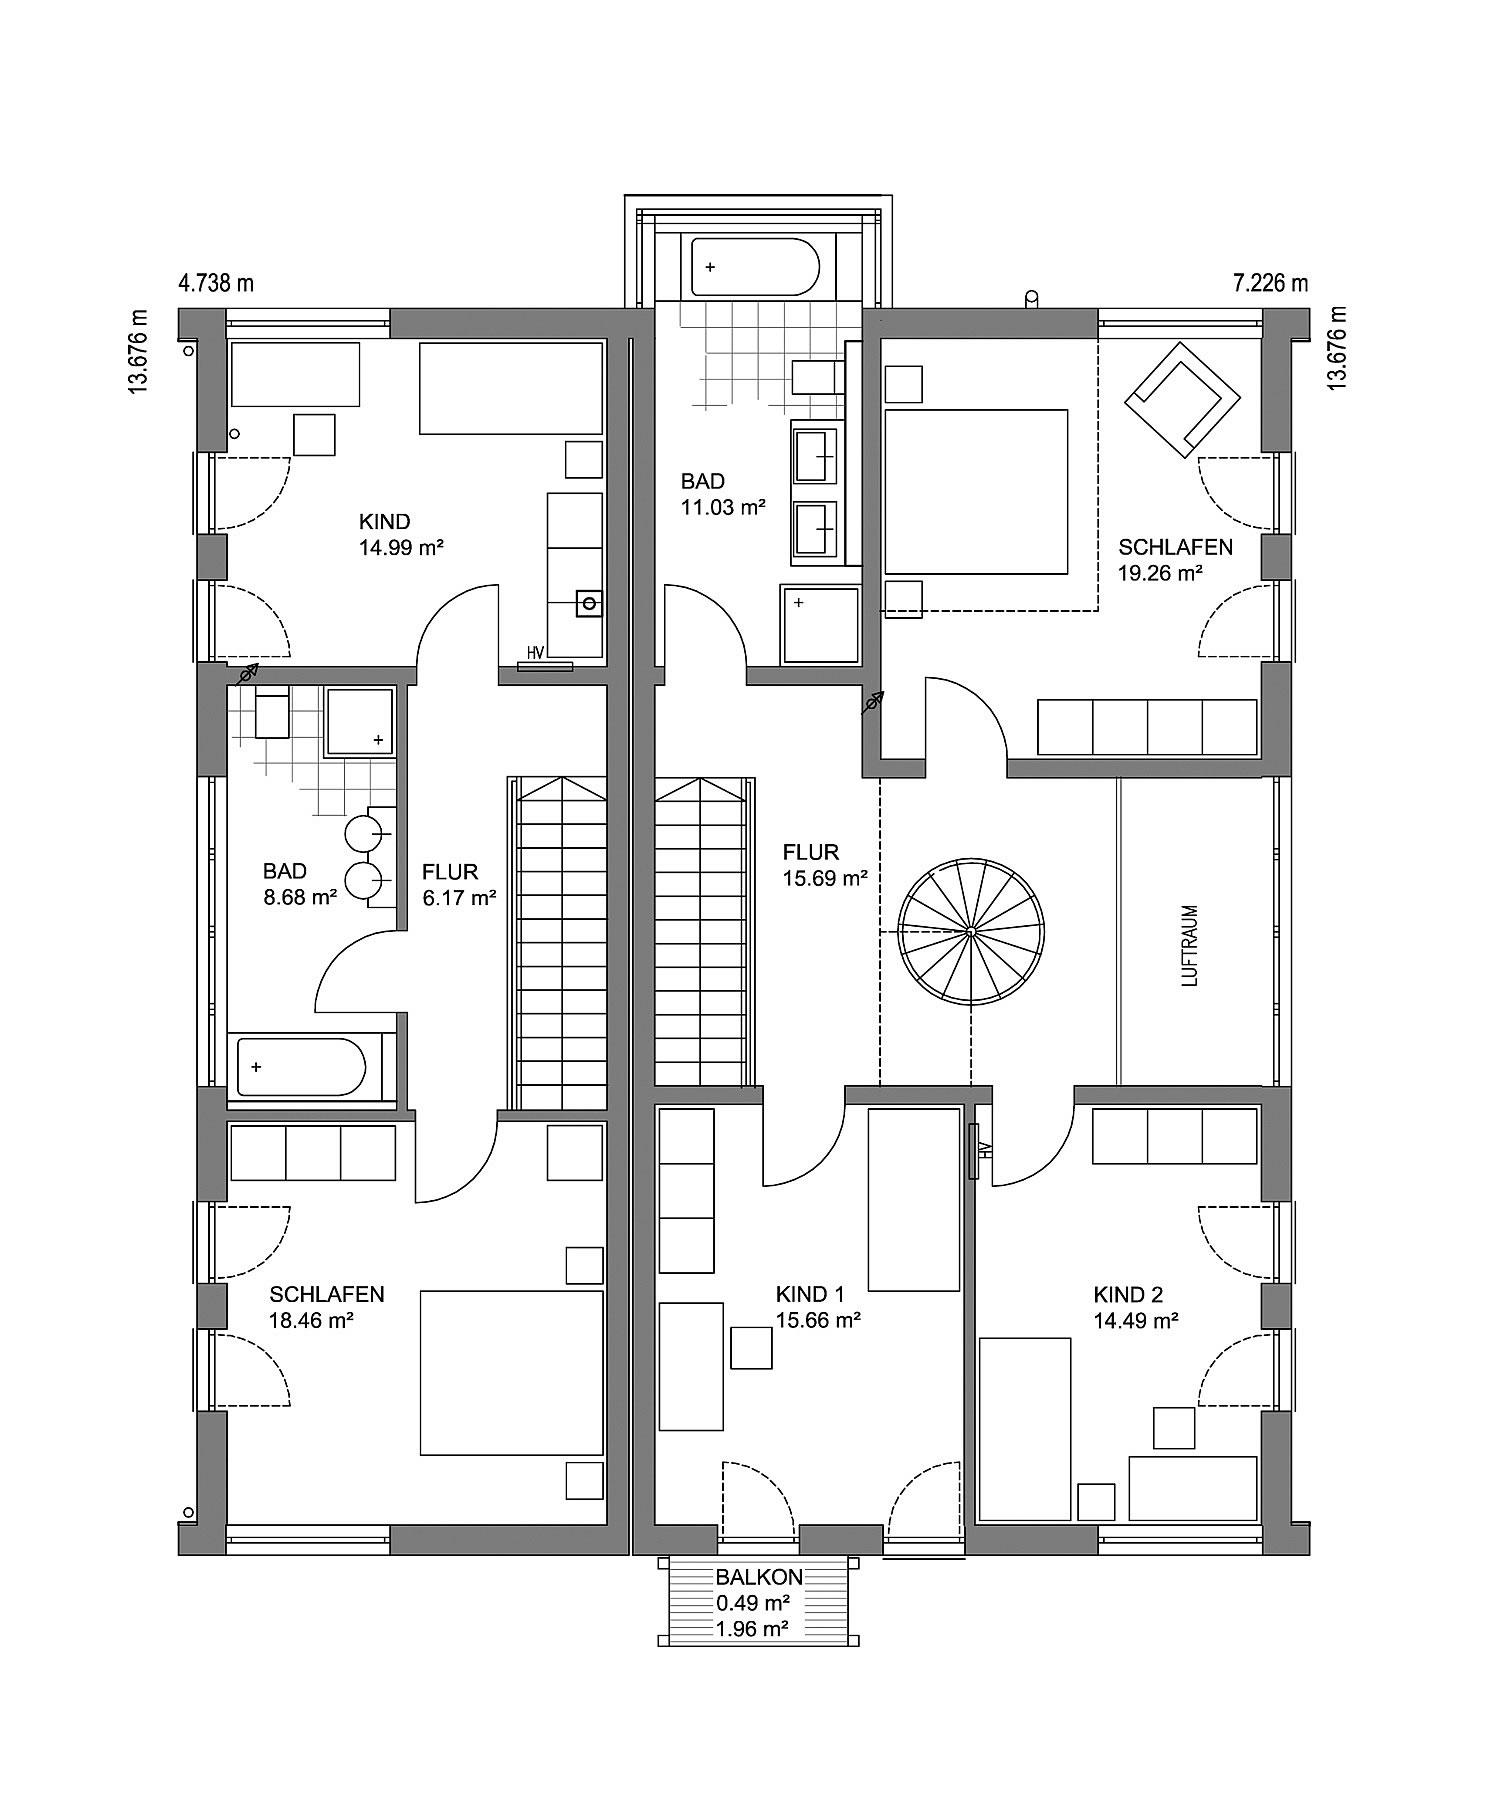 Obergeschoss Musterhaus Mannheim von LUXHAUS Vertrieb GmbH & Co. KG